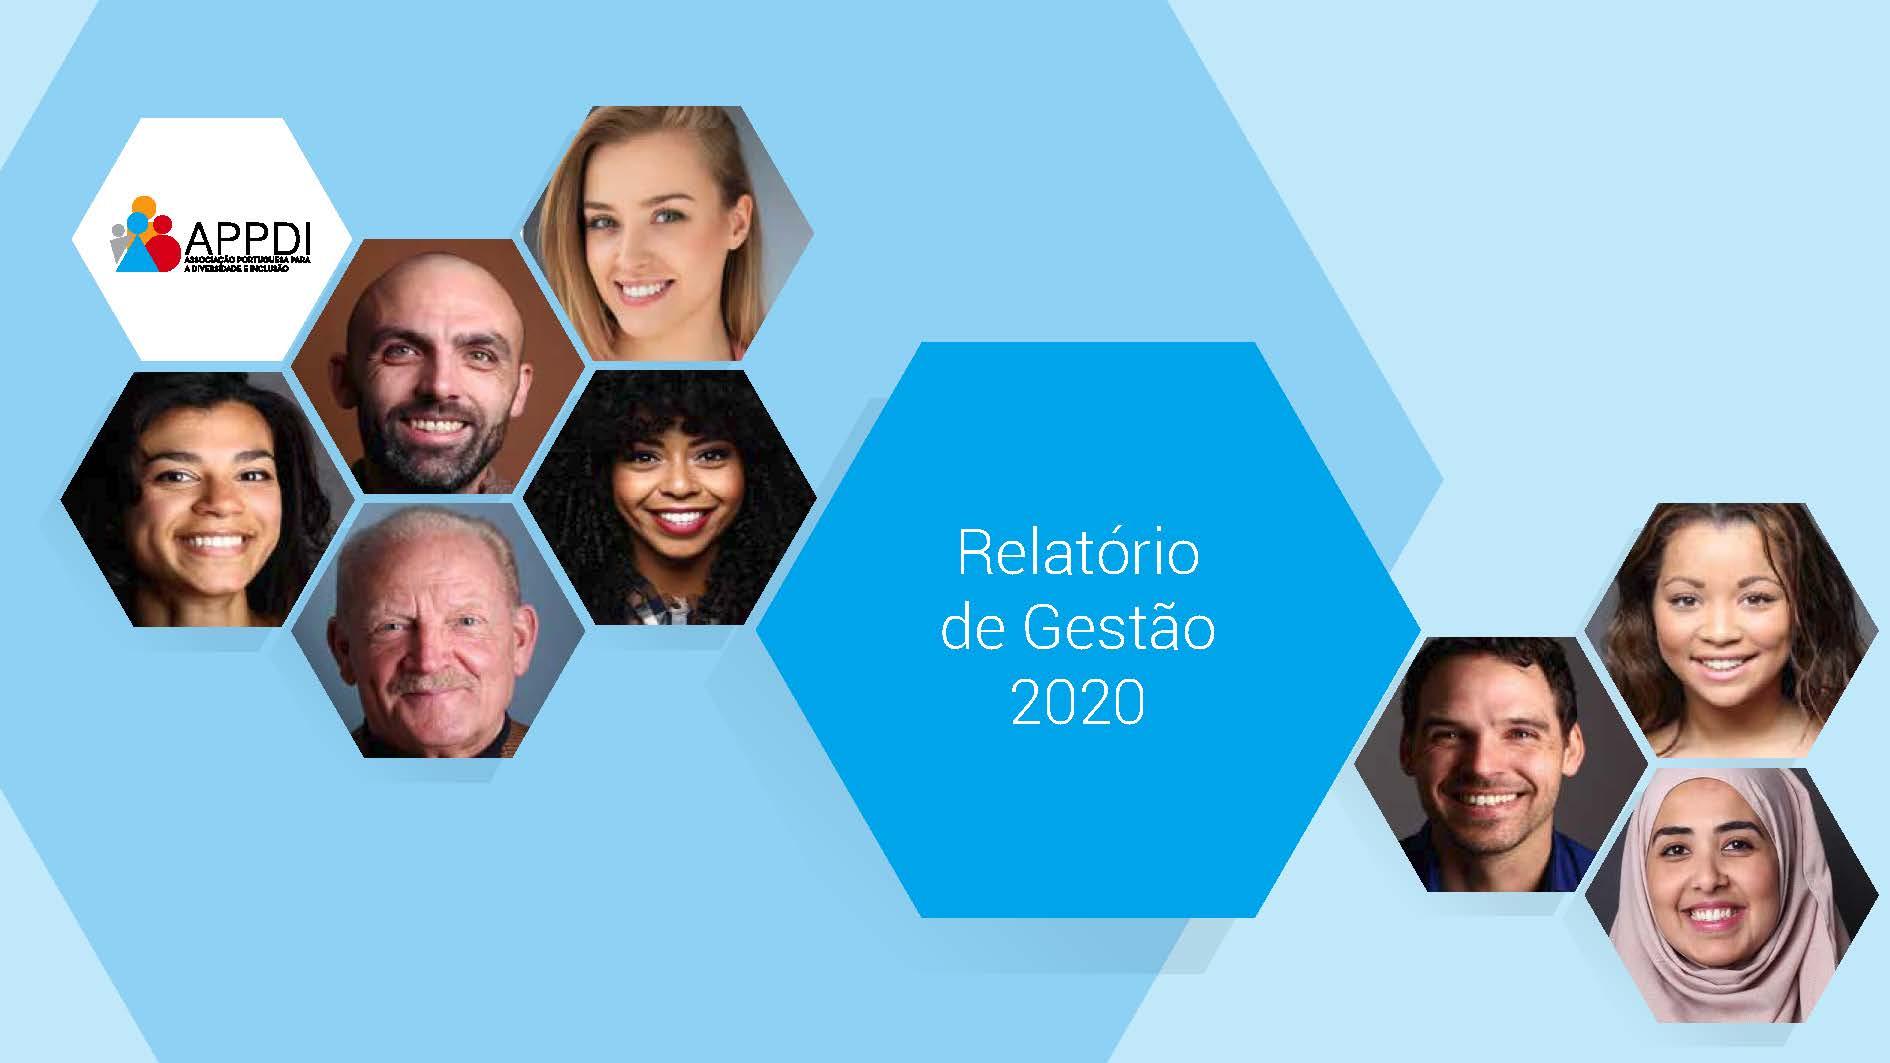 Capa Relatório de Gestão 2020  Relatórios de Gestão relatorio gestao appdi 2020